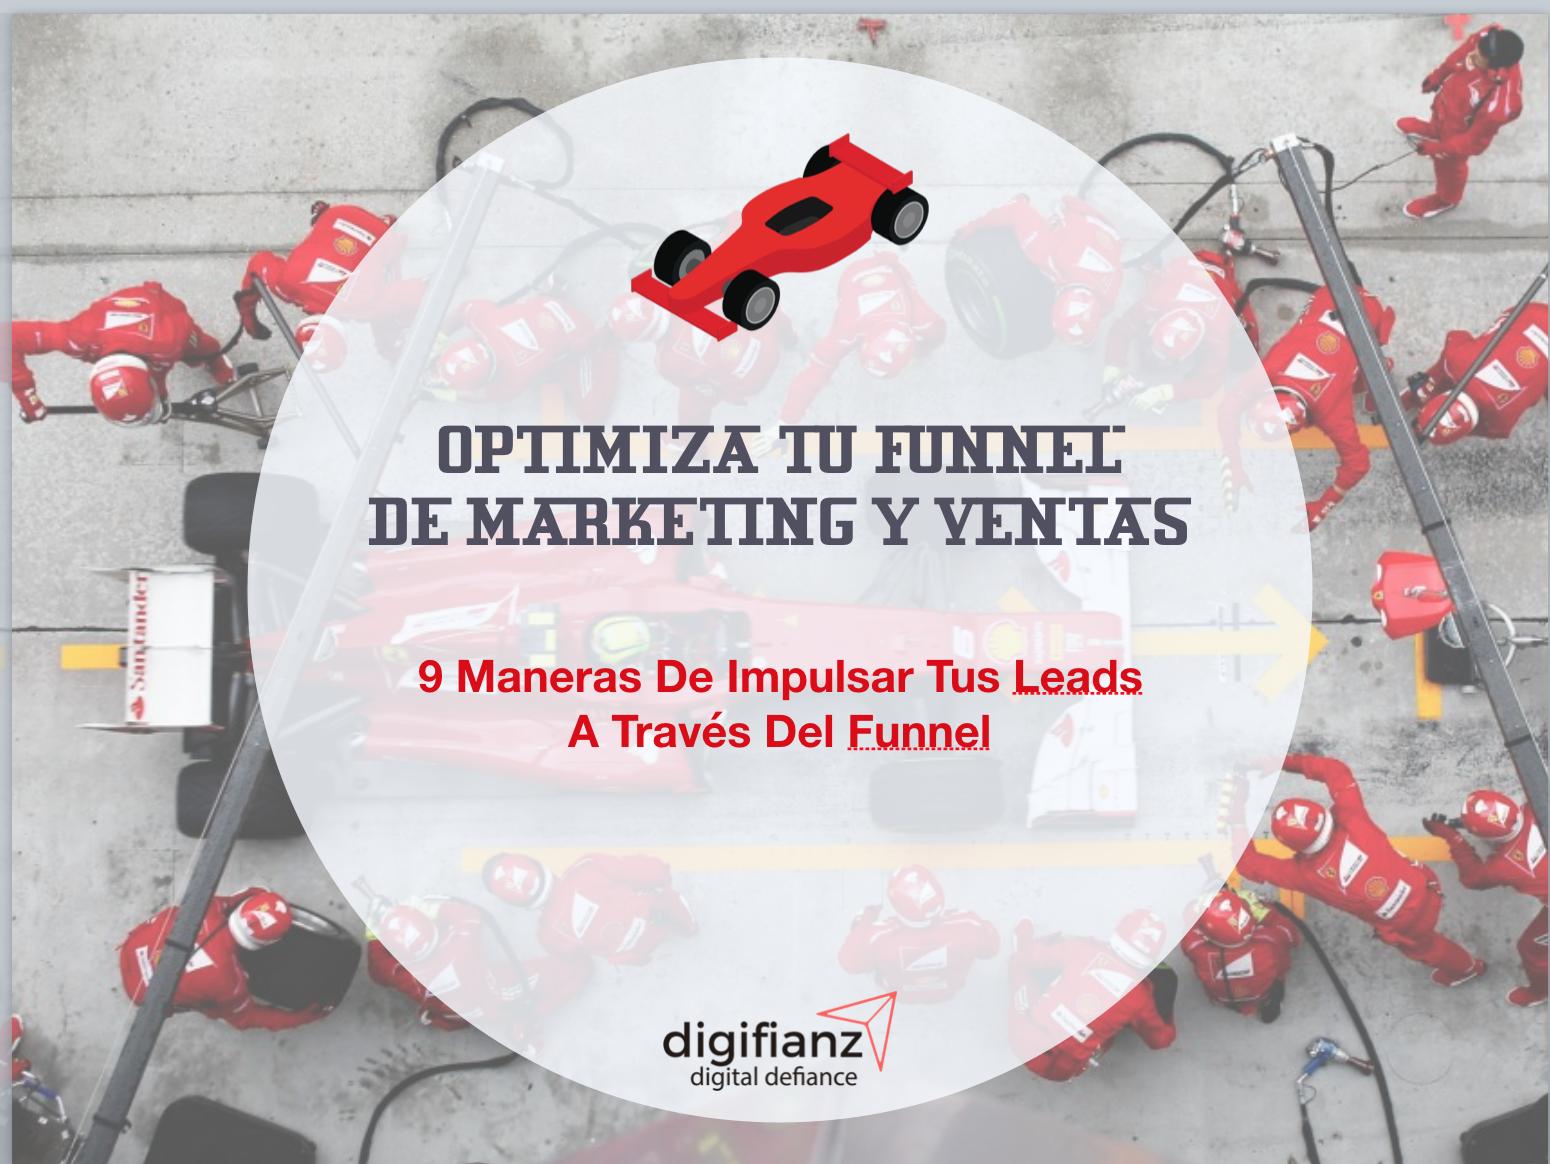 Optimiza tu funnel de marketing y ventas